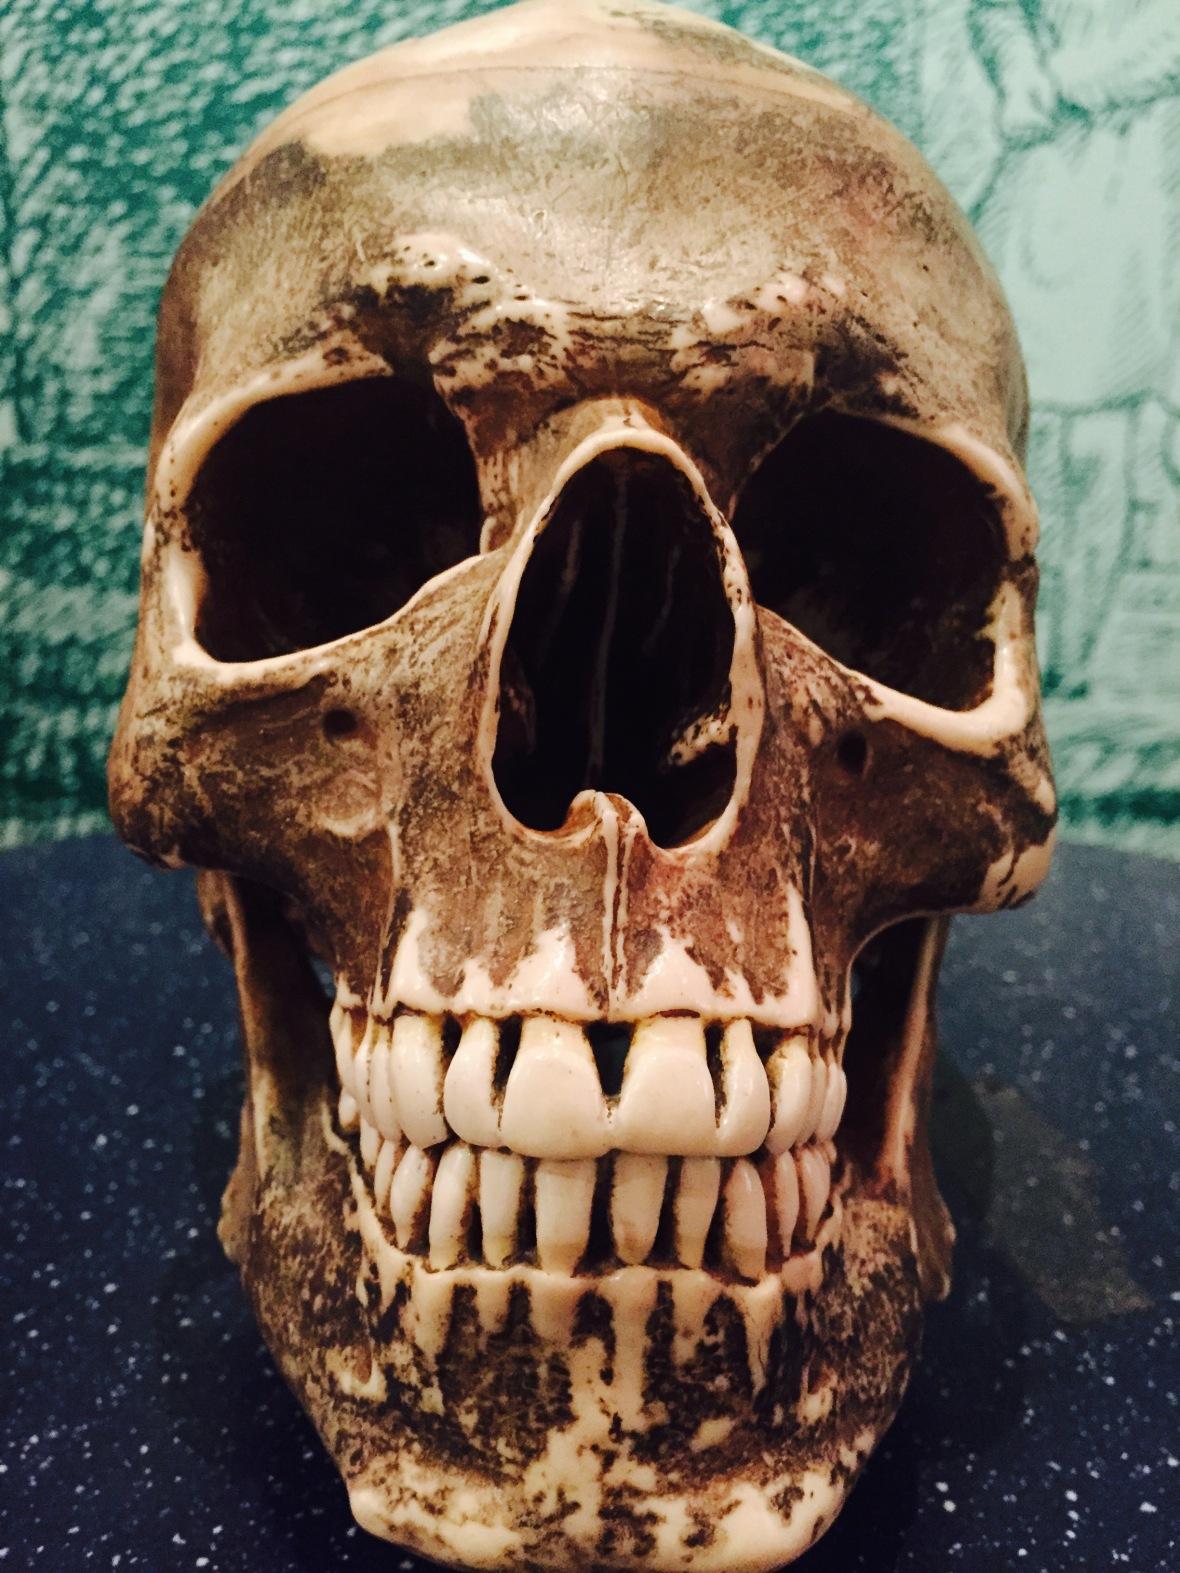 Replica skull